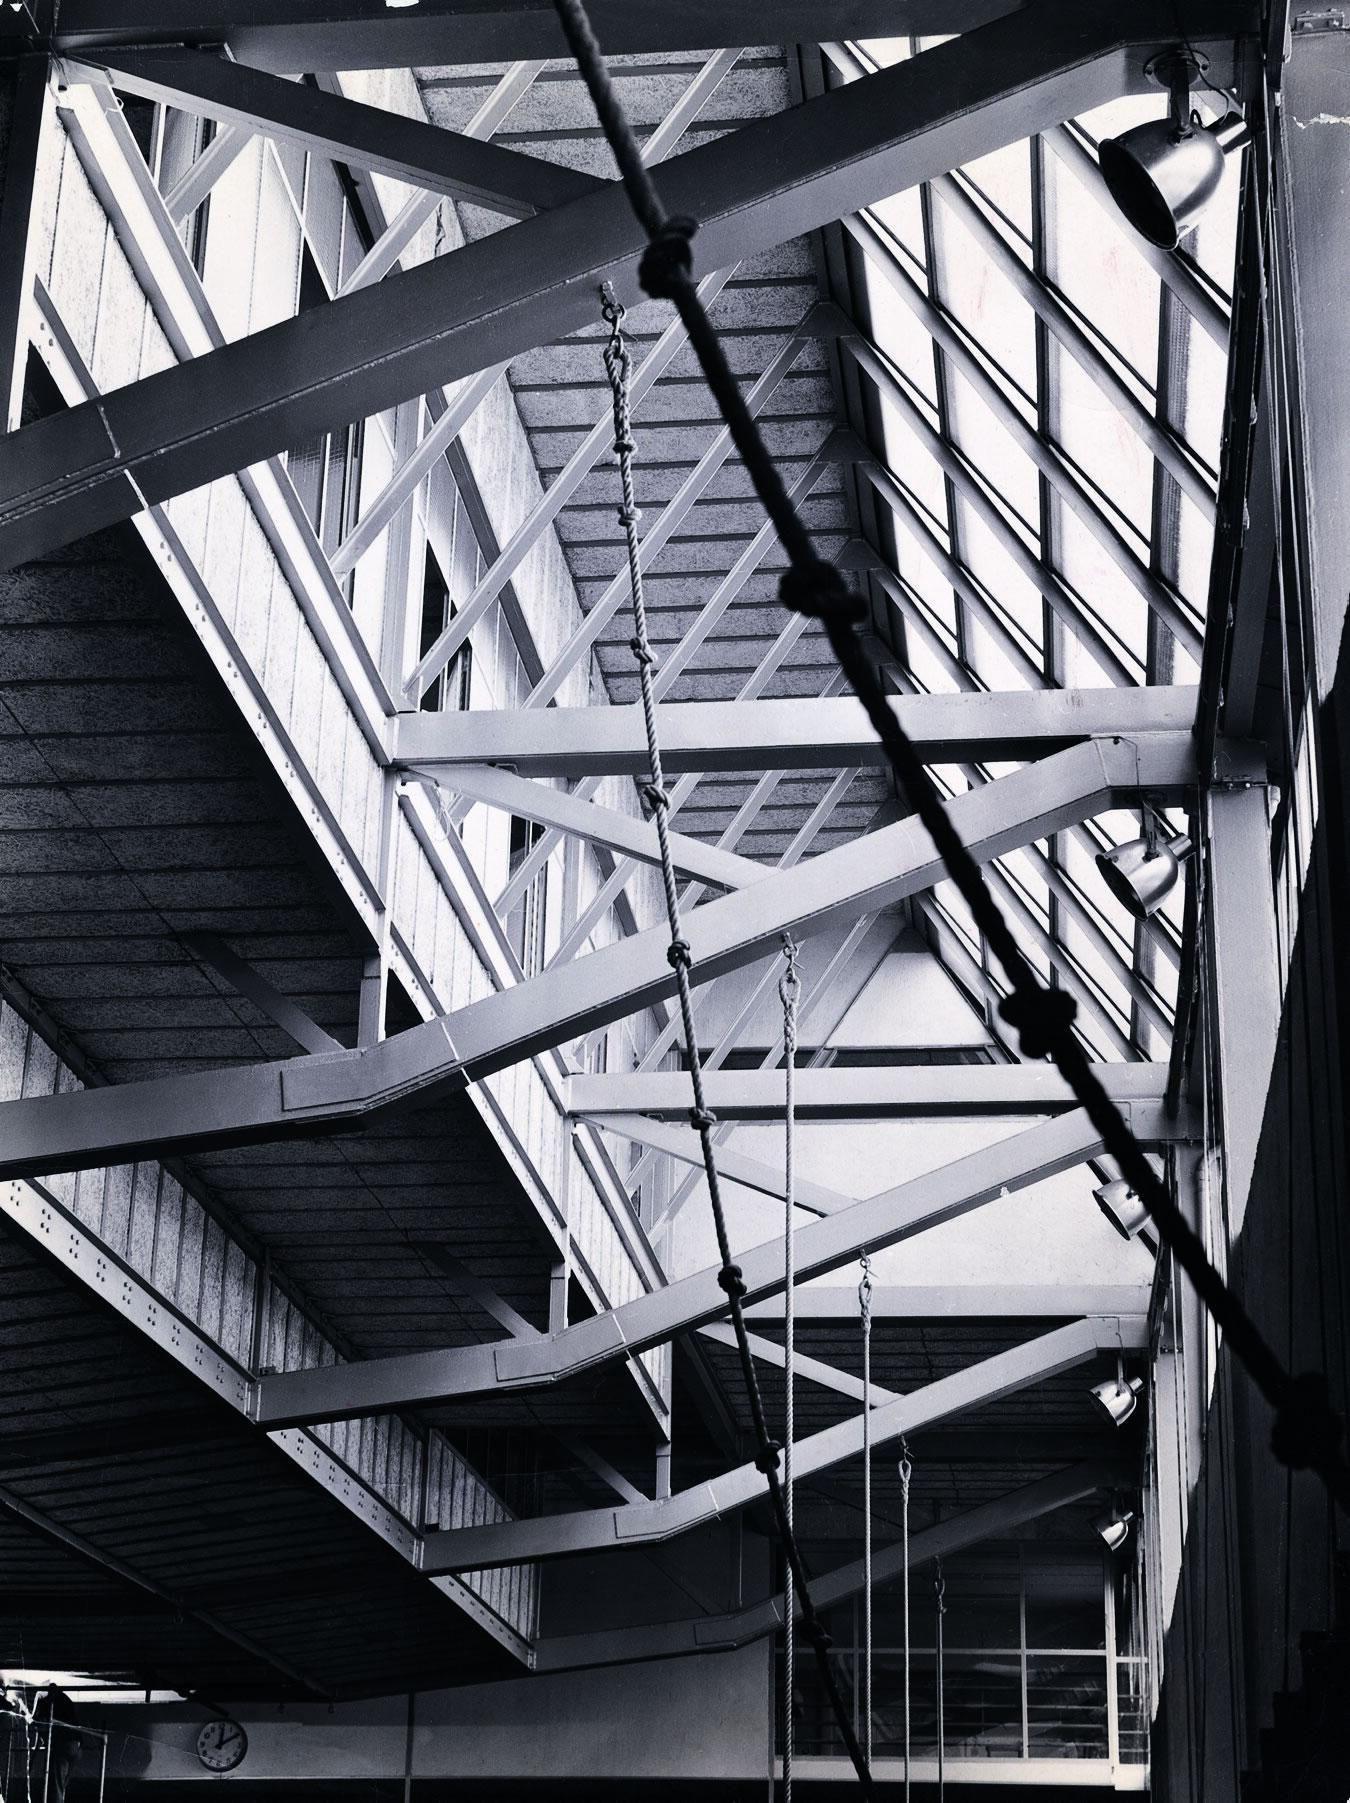 Galería - Clásicos de Arquitectura: Gimnasio Maravillas / Alejandro de la Sota - 24